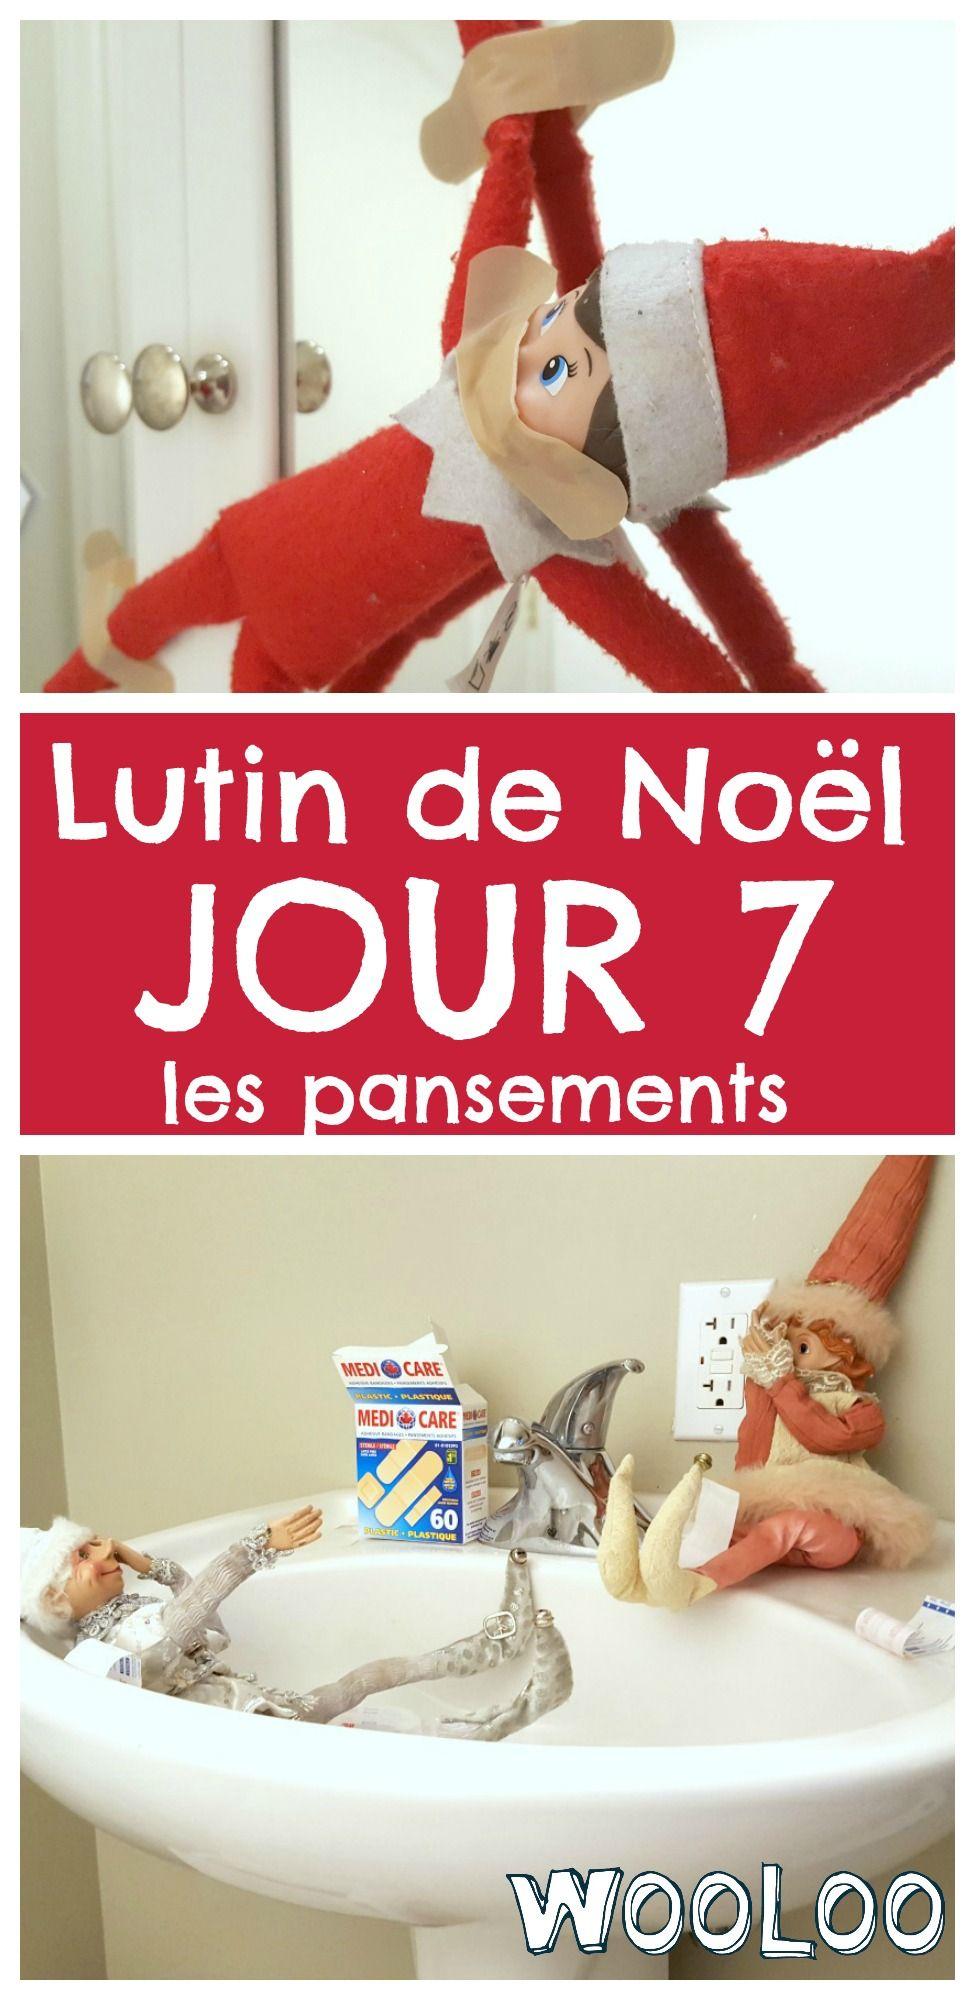 Cette nuit, mes lutins ont pris Pancarte en otage! Voici le tour des pansements. #lutin #elfontheshelf #noel #christmas